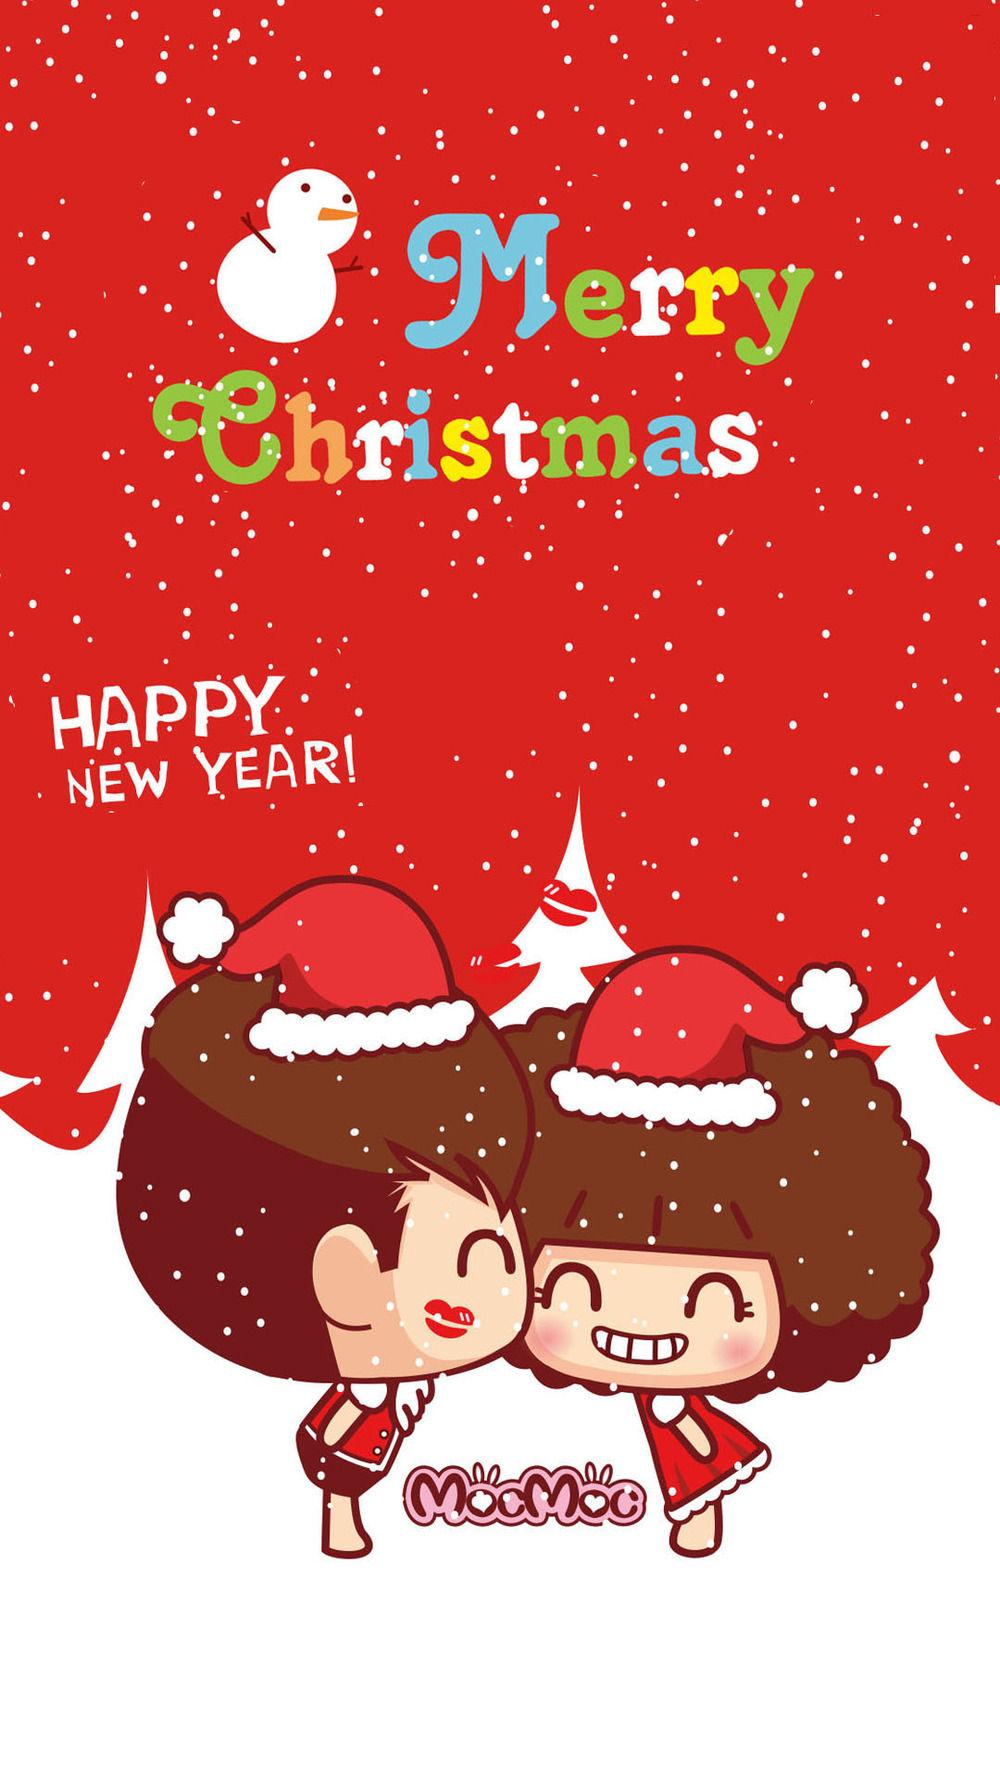 摩丝摩丝圣诞新年快乐.jpg